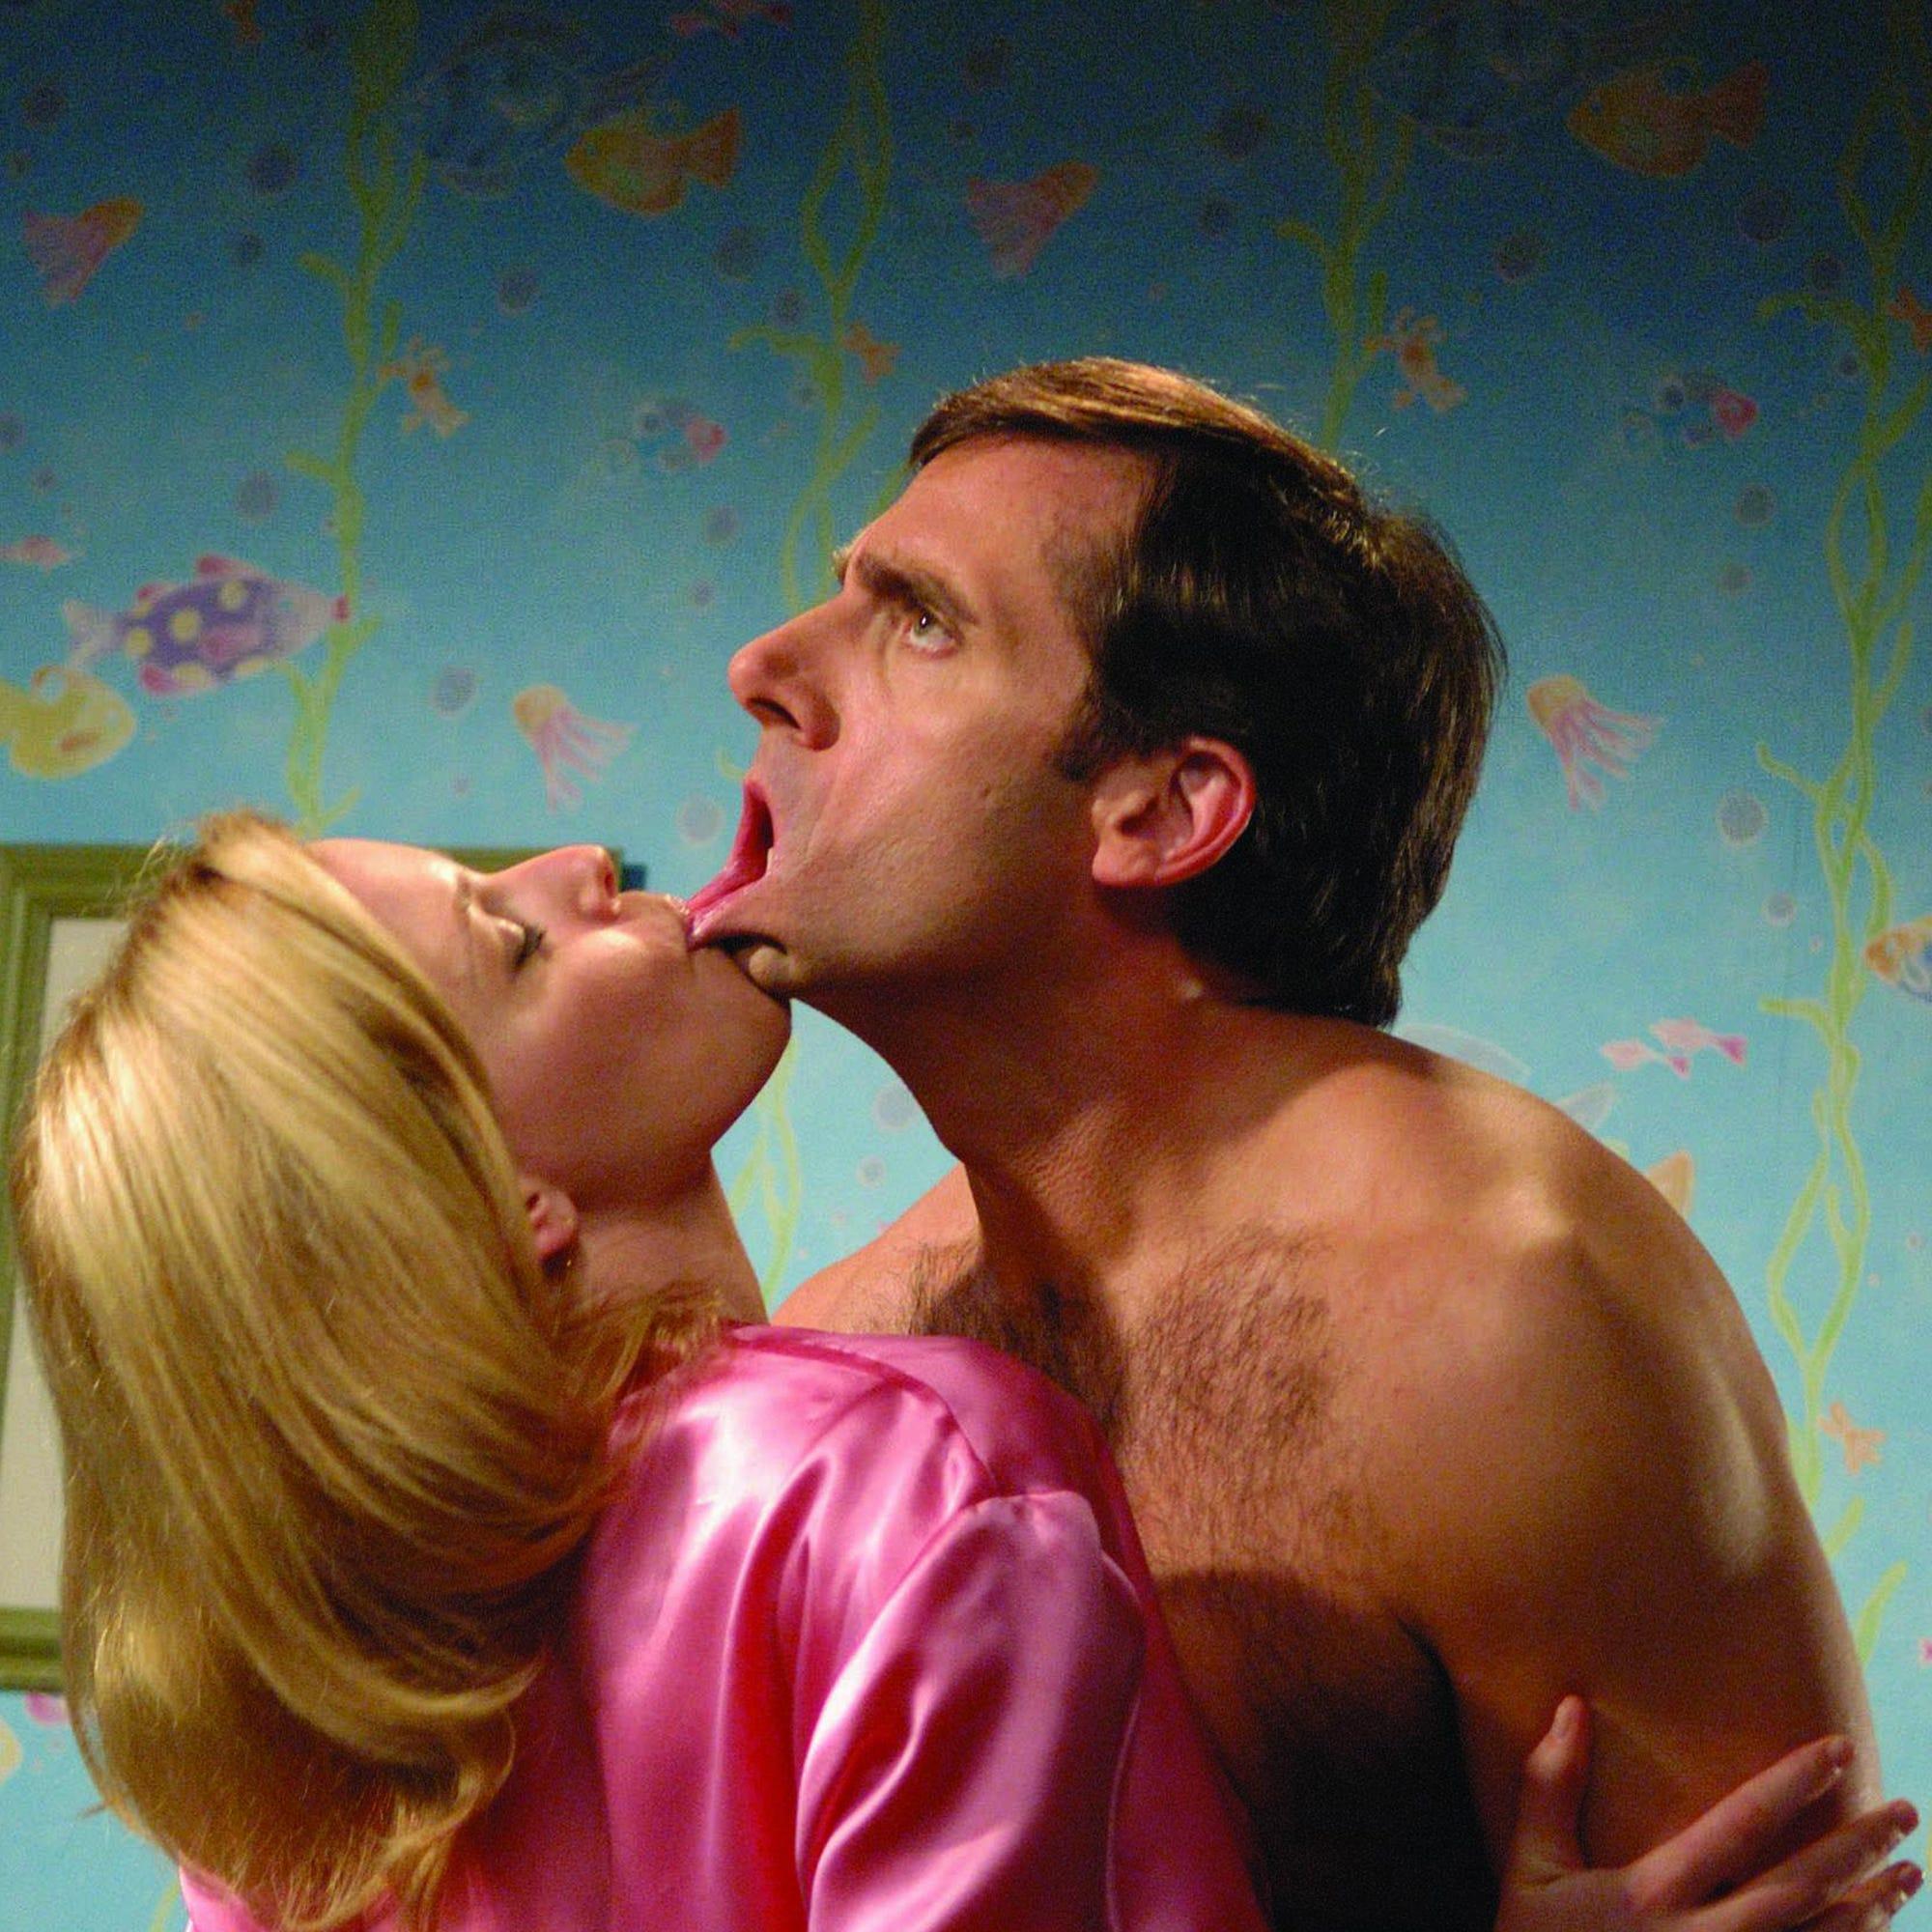 Das erste mal sex film